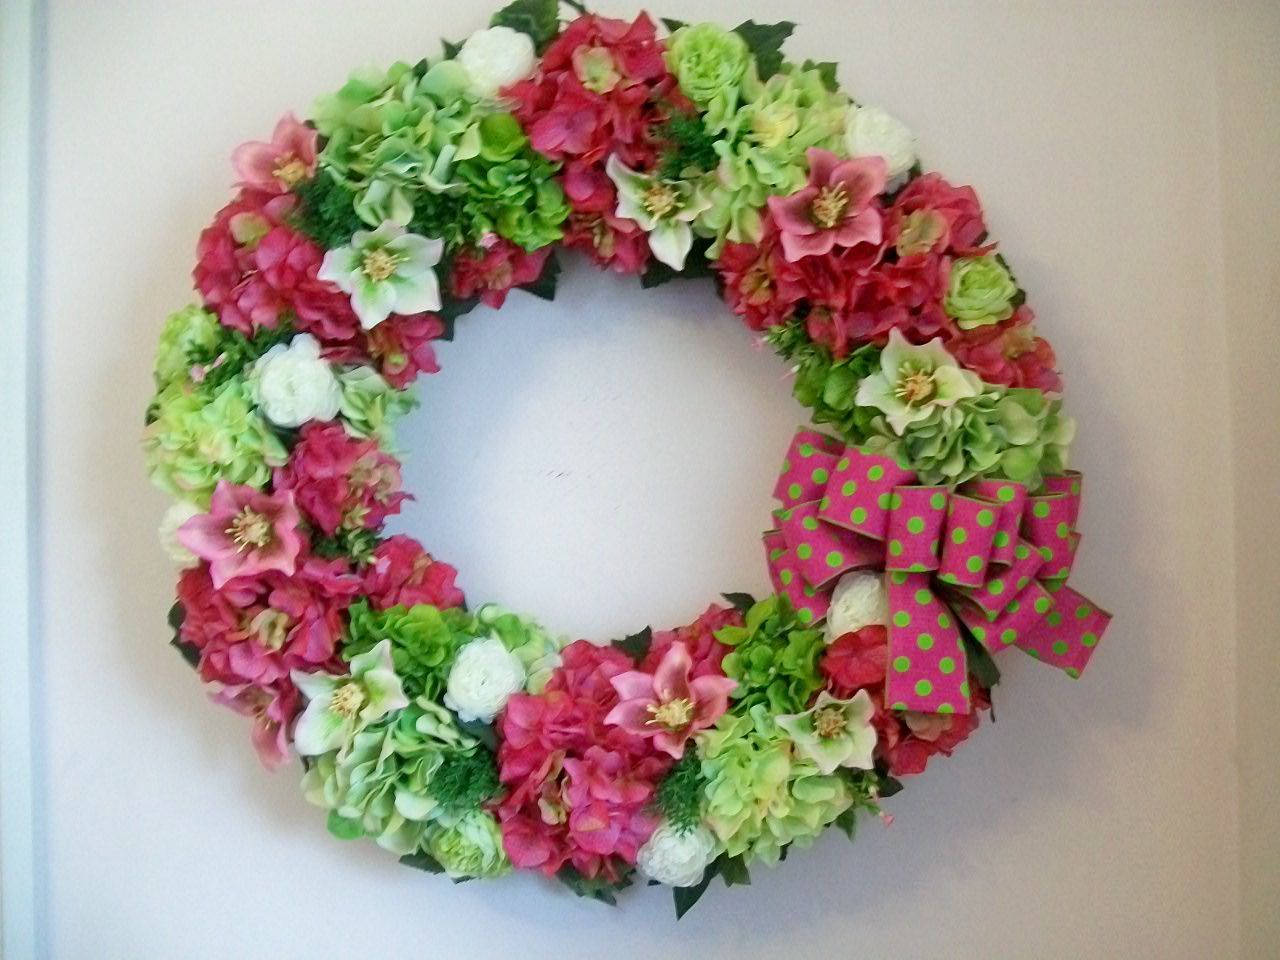 28 inch custom wreath